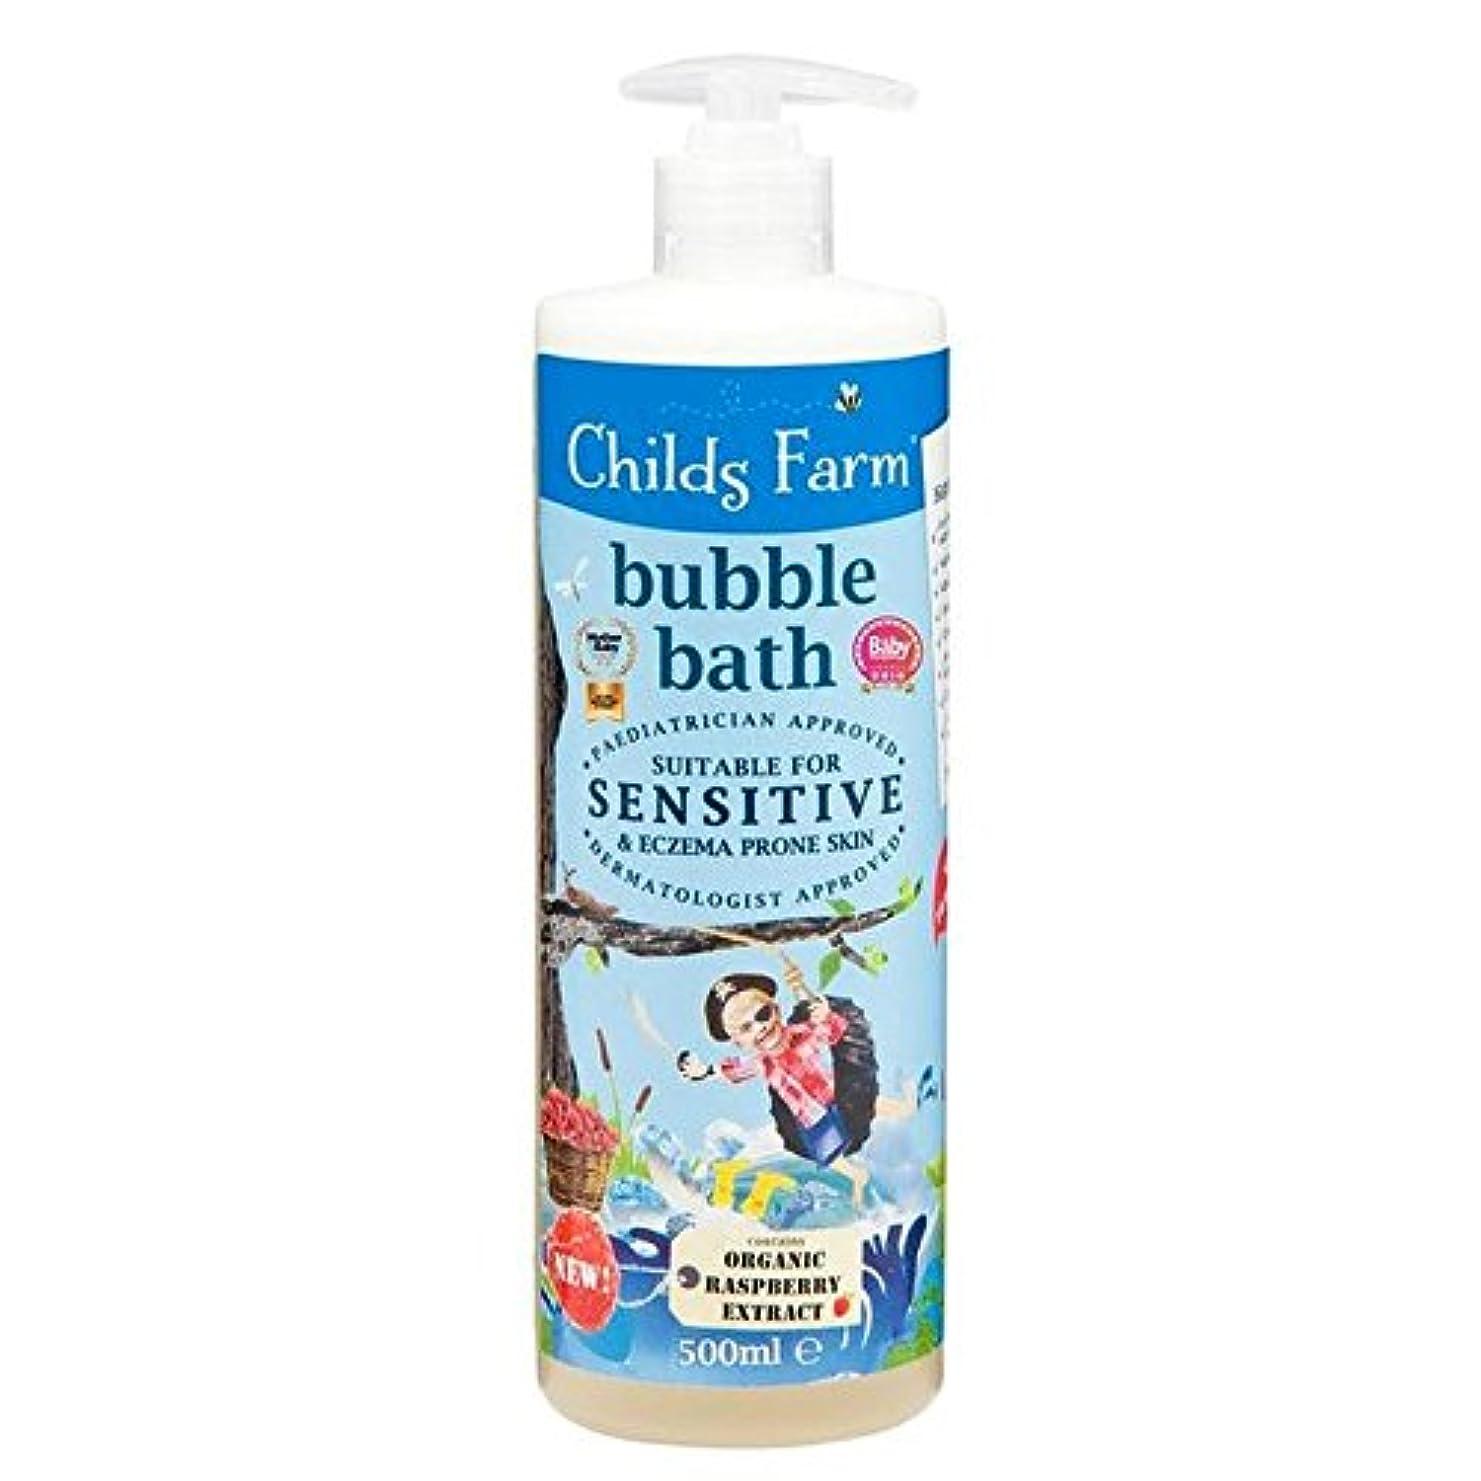 タックル崖サービスChilds Farm Bubble Bath for Bucaneers 500ml - 500ミリリットルのための農場の泡風呂をチャイルズ [並行輸入品]